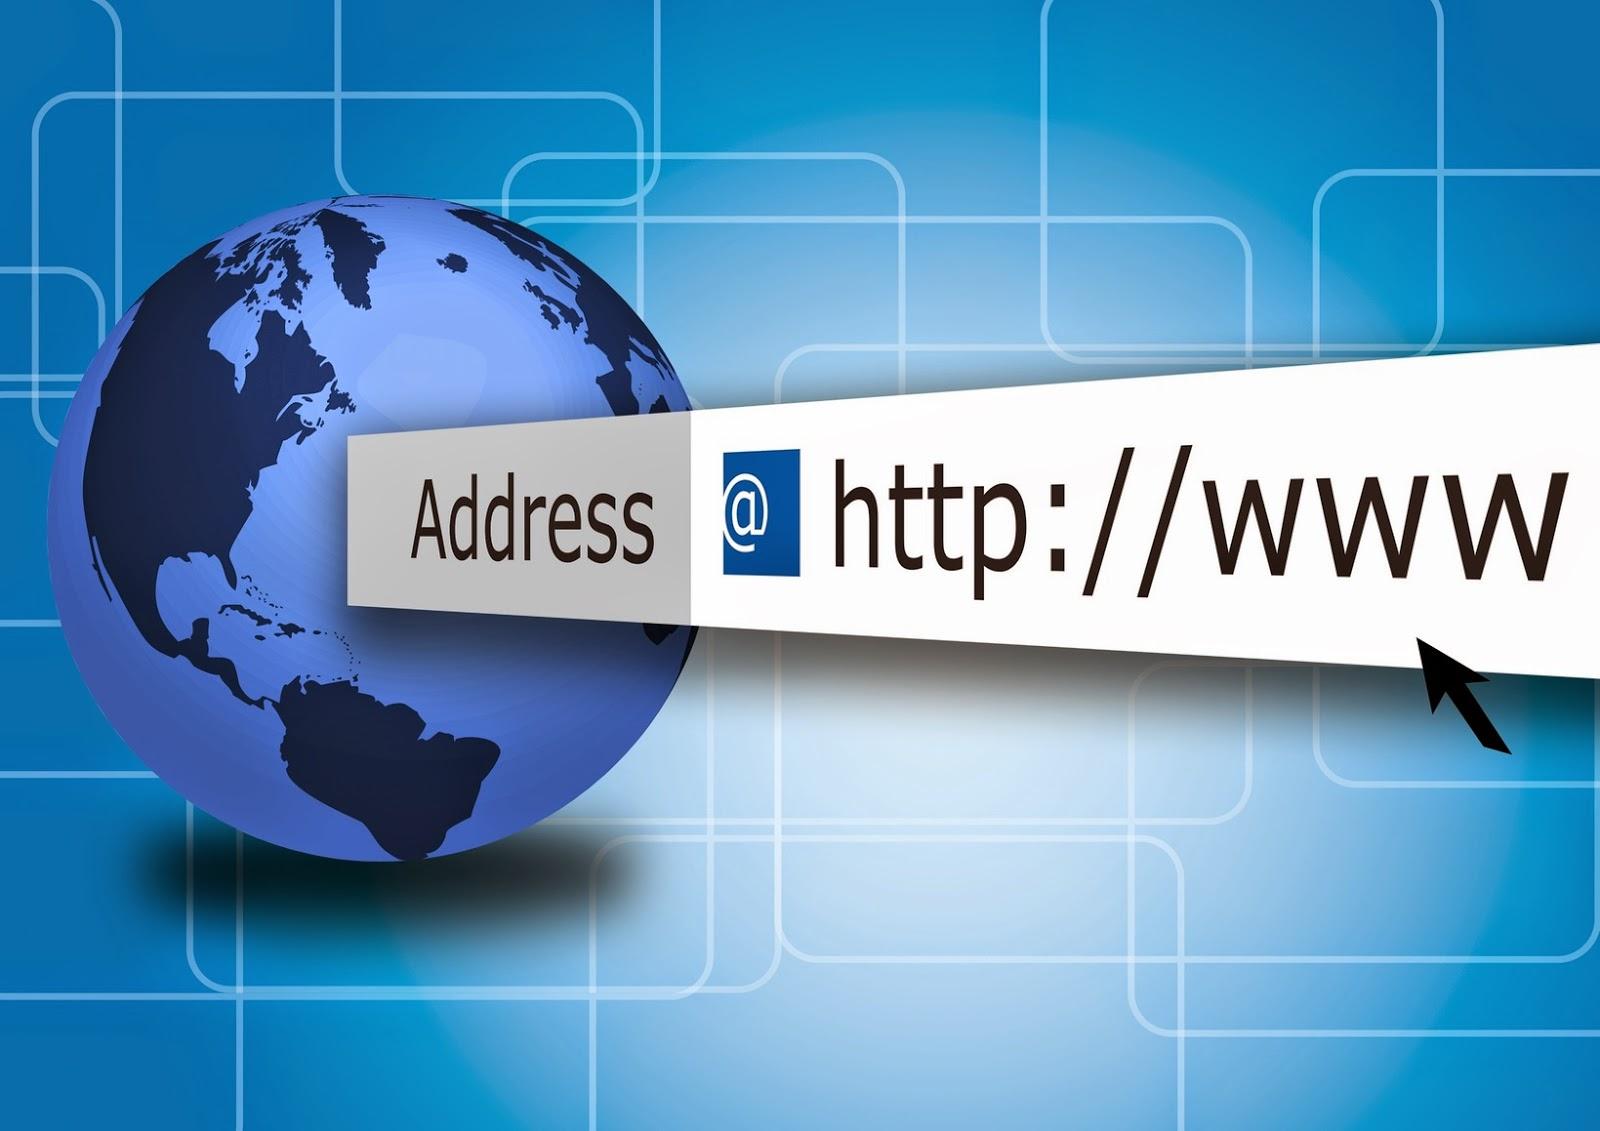 Mempercepat Koneksi Internet dan Kinerja komputer Mempercepat Koneksi Internet dan Kinerja komputer